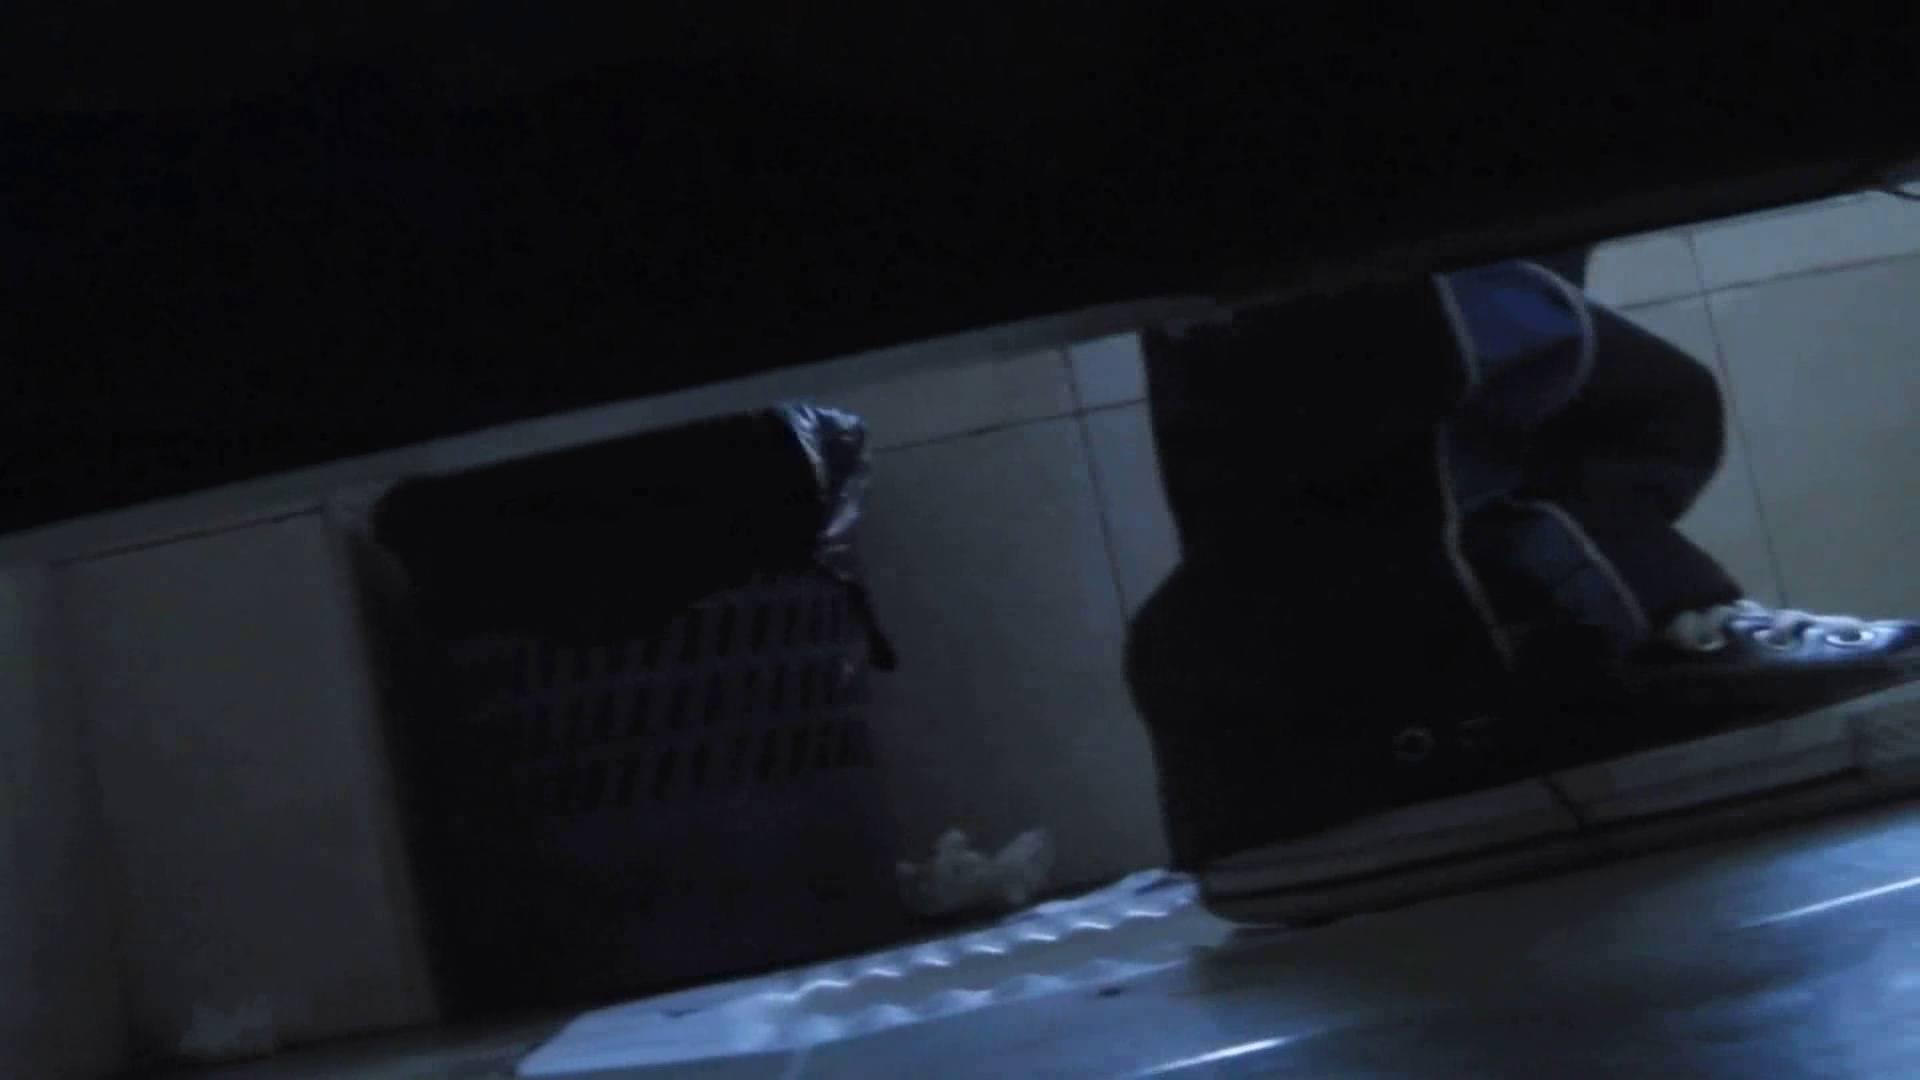 世界の射窓から ステーション編 vol.17厦大女厕偷拍 qianp 洗面所  87PIX 4